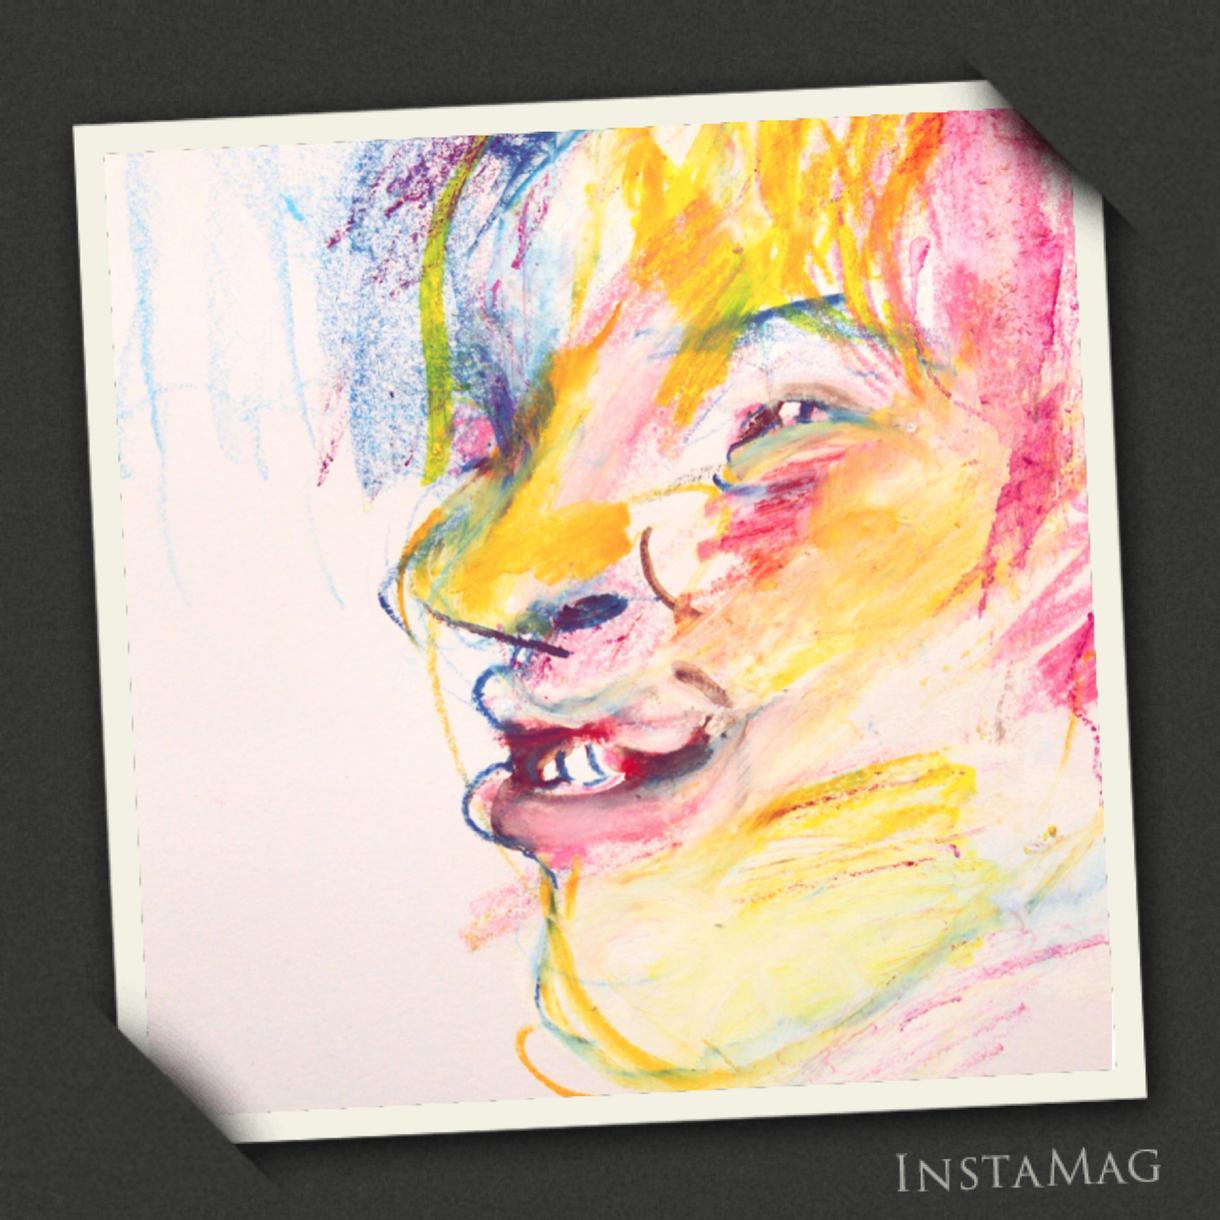 オーダーメイド☆ART風で味のある似顔絵お描きます SNSアイコン、名刺作成、プレゼントにぜひ♪